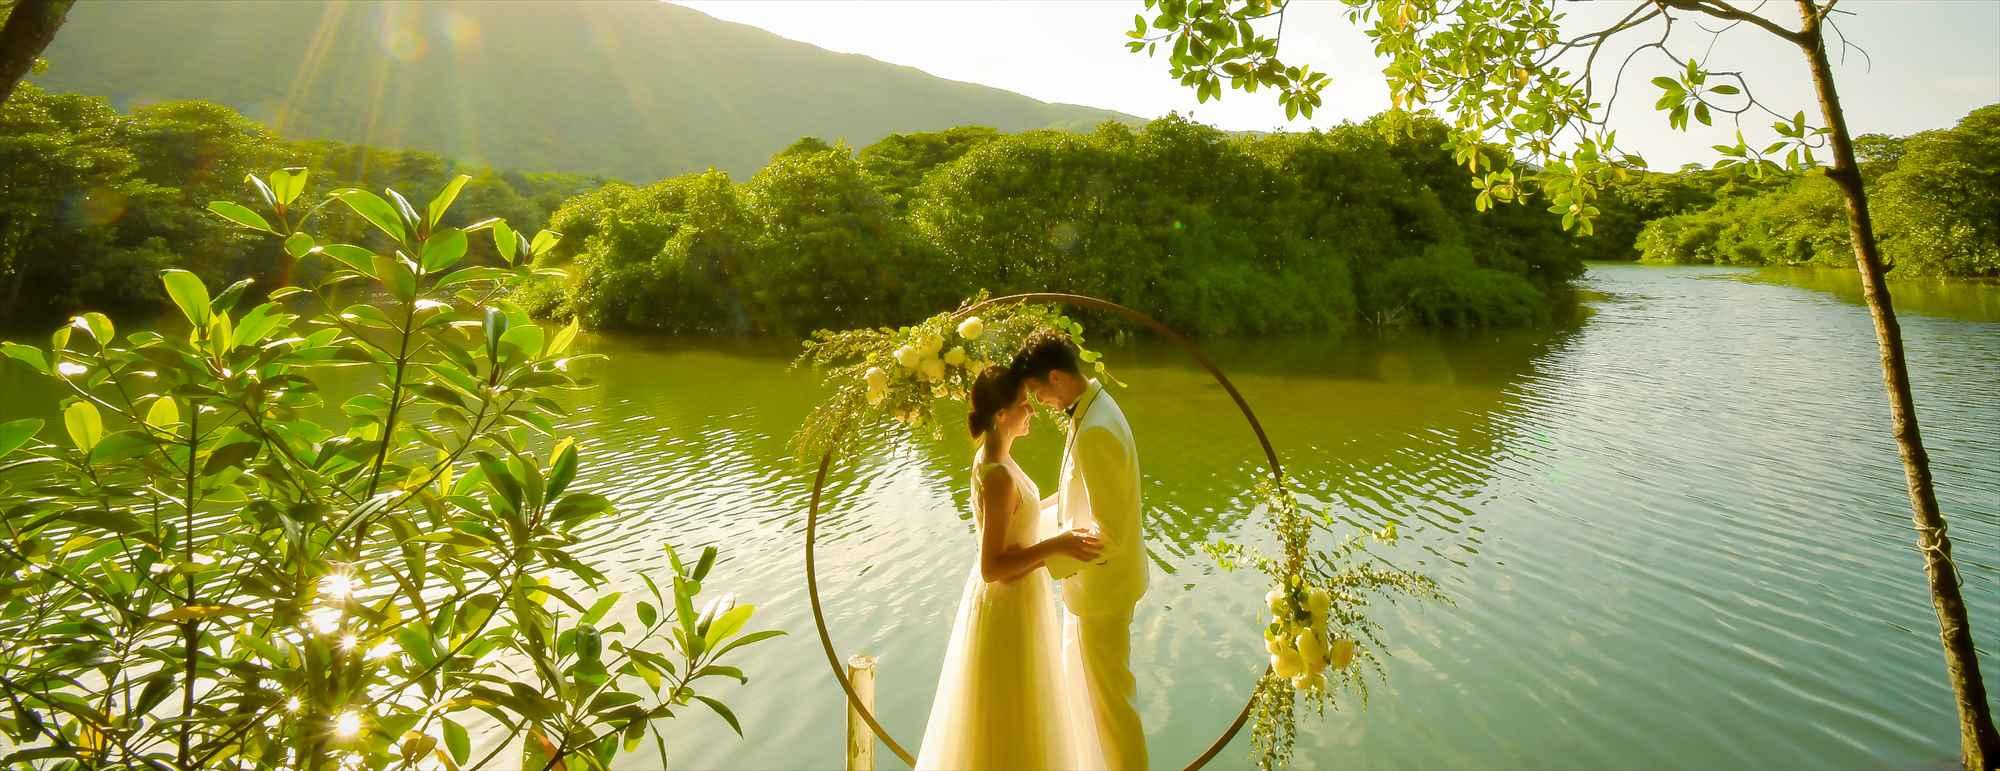 沖縄西表島マングローブ・ウェディング Iriomote Island Okinawa Mangrove Wedding ジャングルホテル パイヌマヤ挙式